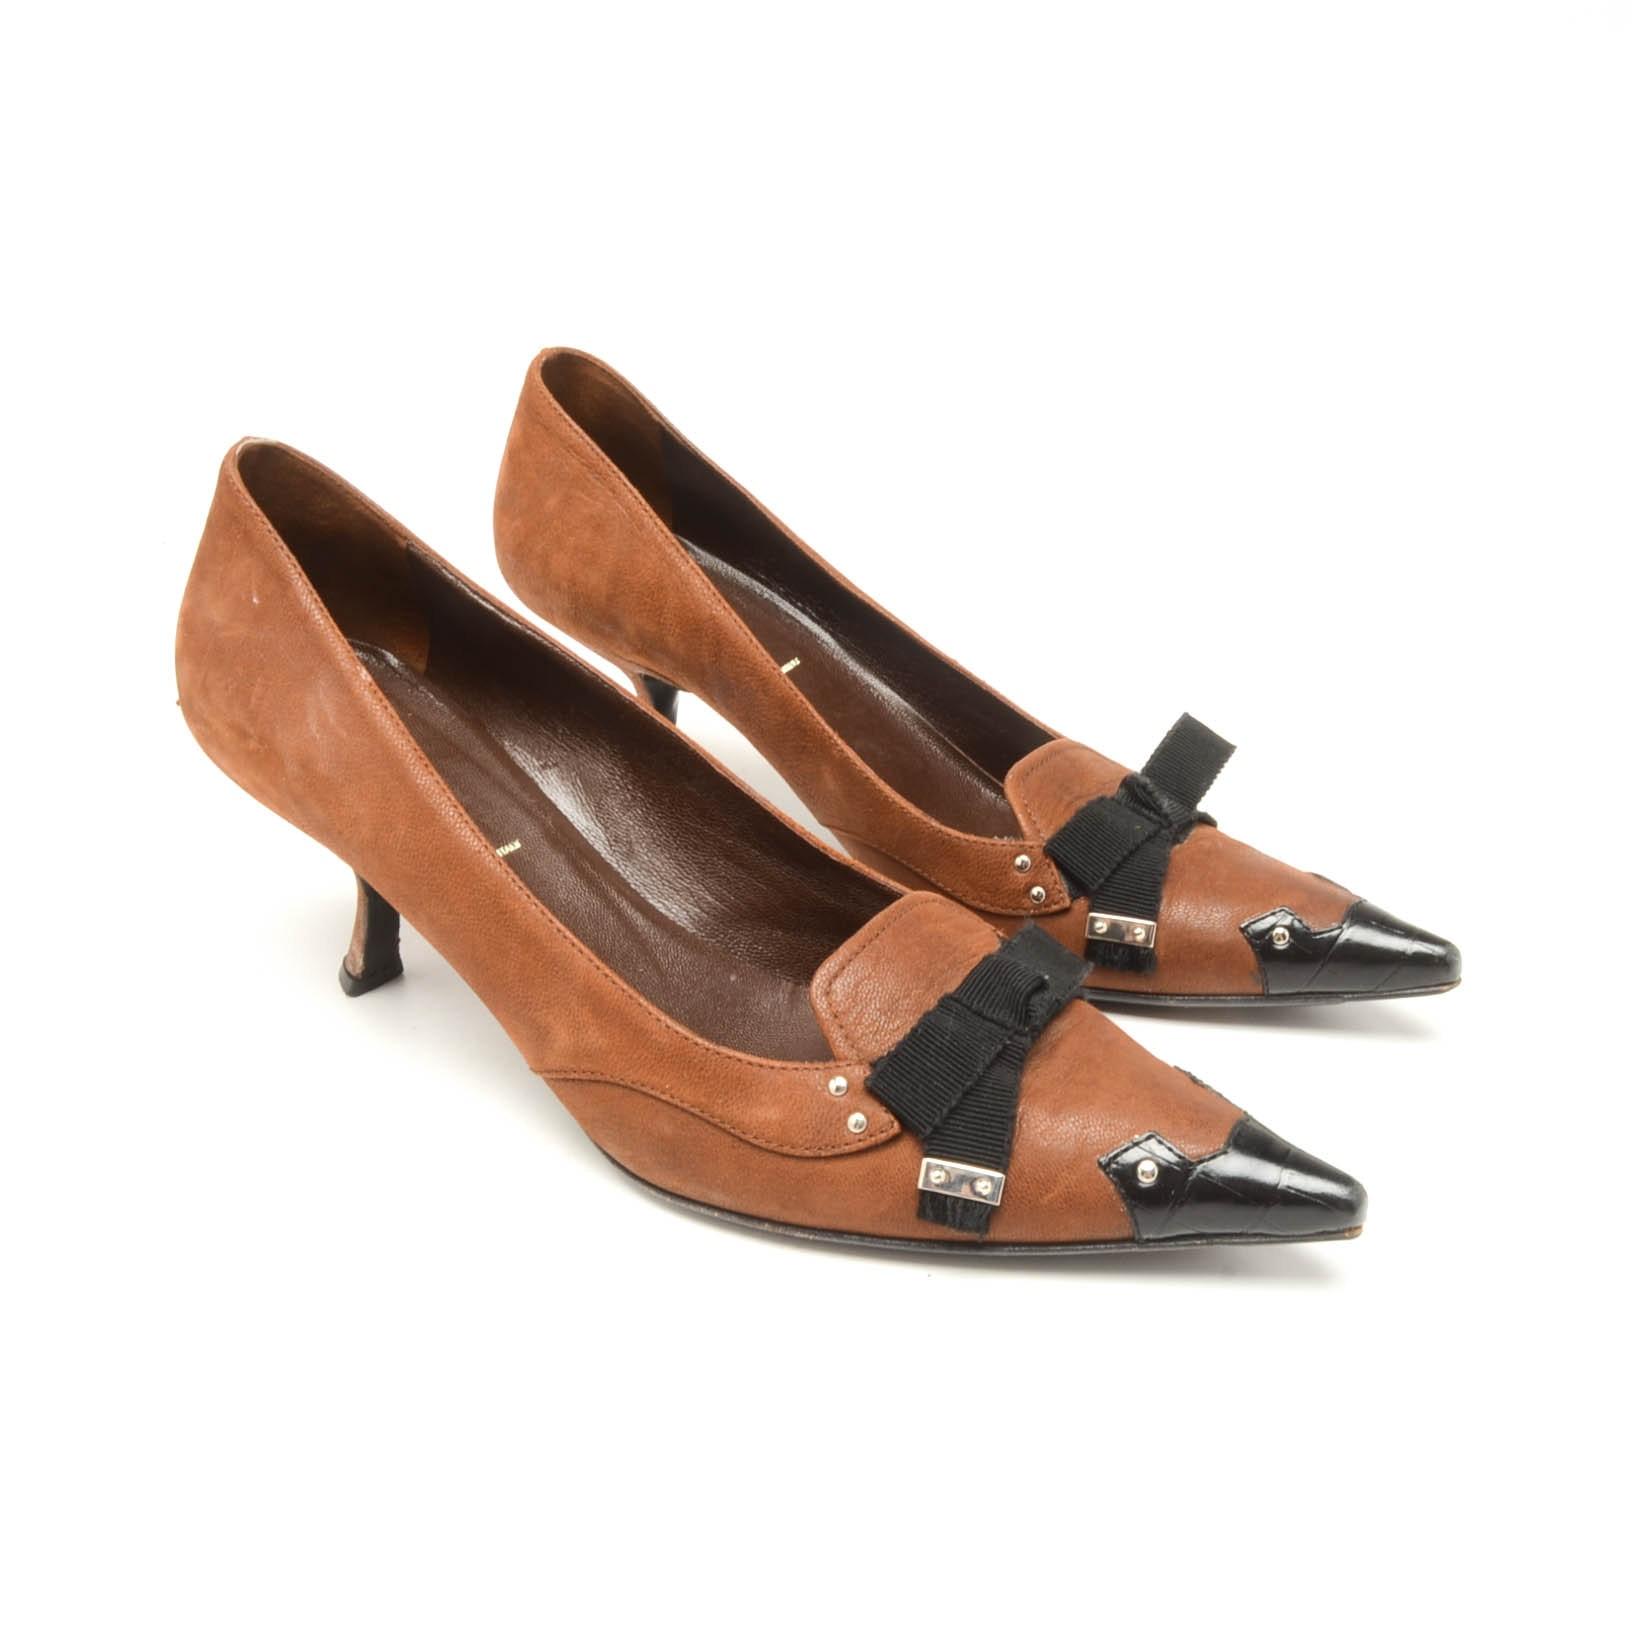 Prada Leather Kitten Heels